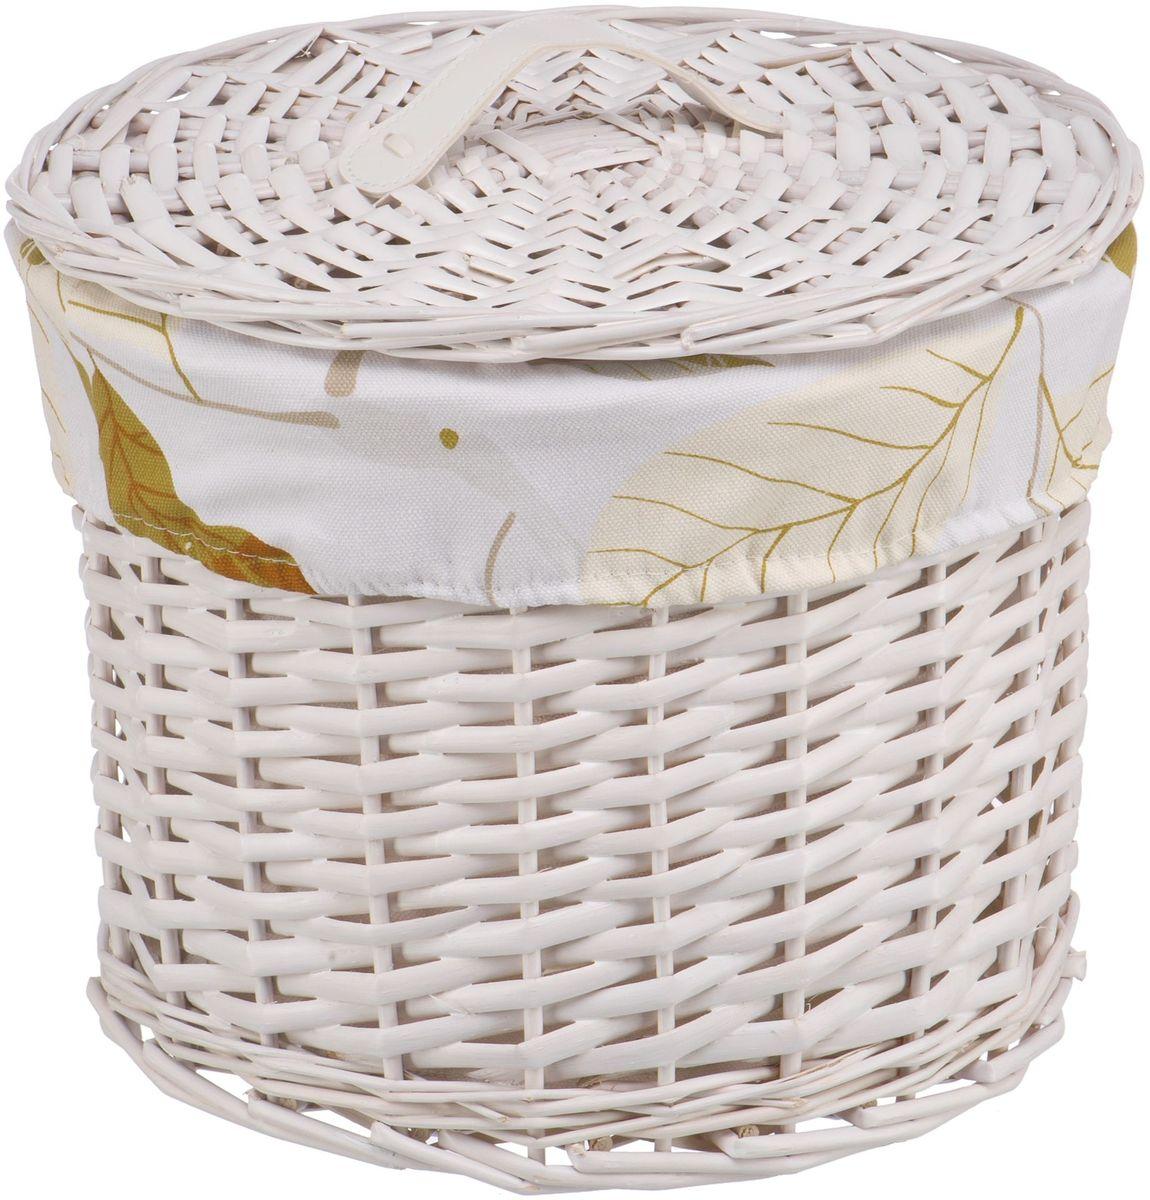 Корзина для белья Natural House Листья, цвет: белый, 30 х 30 х 25 смEW-42 LБельевая корзина Natural House из лозы ивы не только удобна, практична, но и прекрасно выглядит. Высокое качество и натуральные материалы гармонично сочетаются и создают в доме уют и теплое настроение.В комплекте с корзиной идет съемный чехол, который легко снимается и стирается.